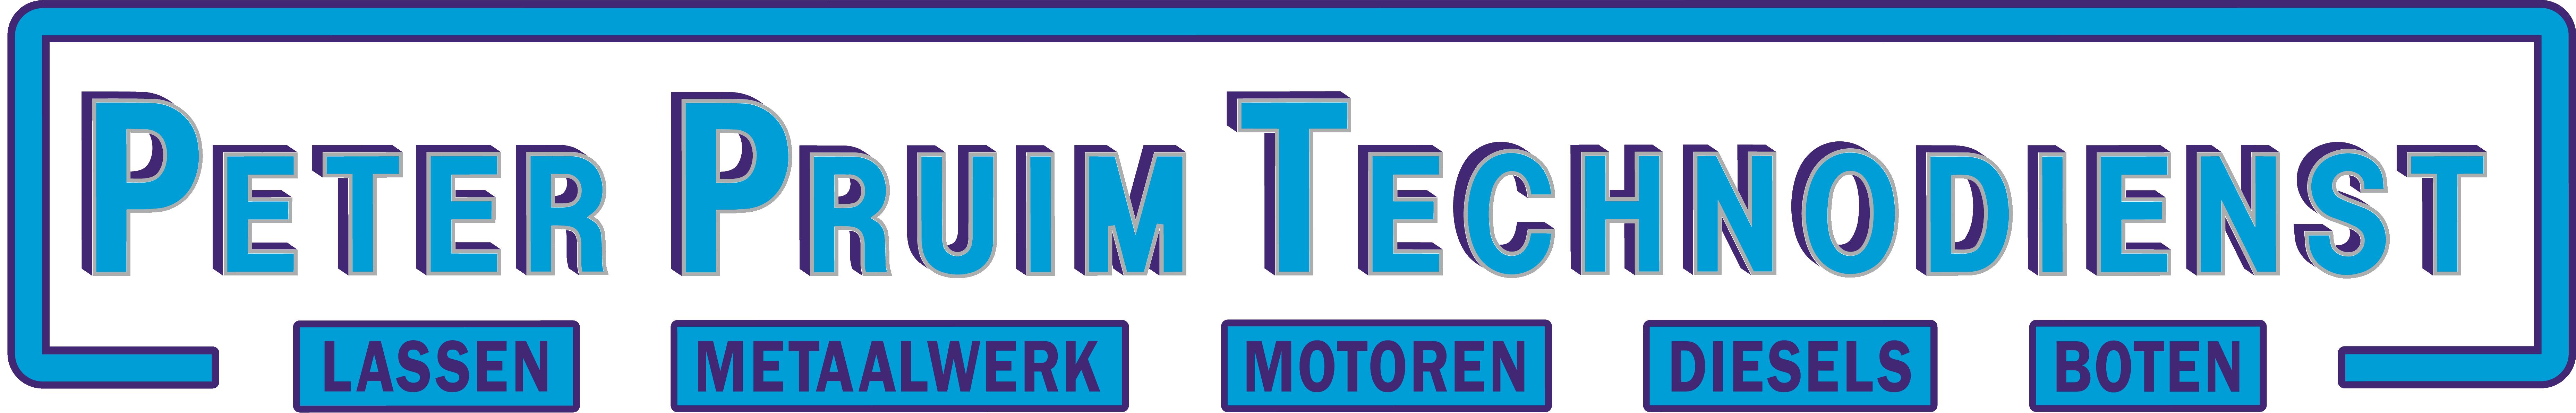 Peter Pruim Techno Dienst